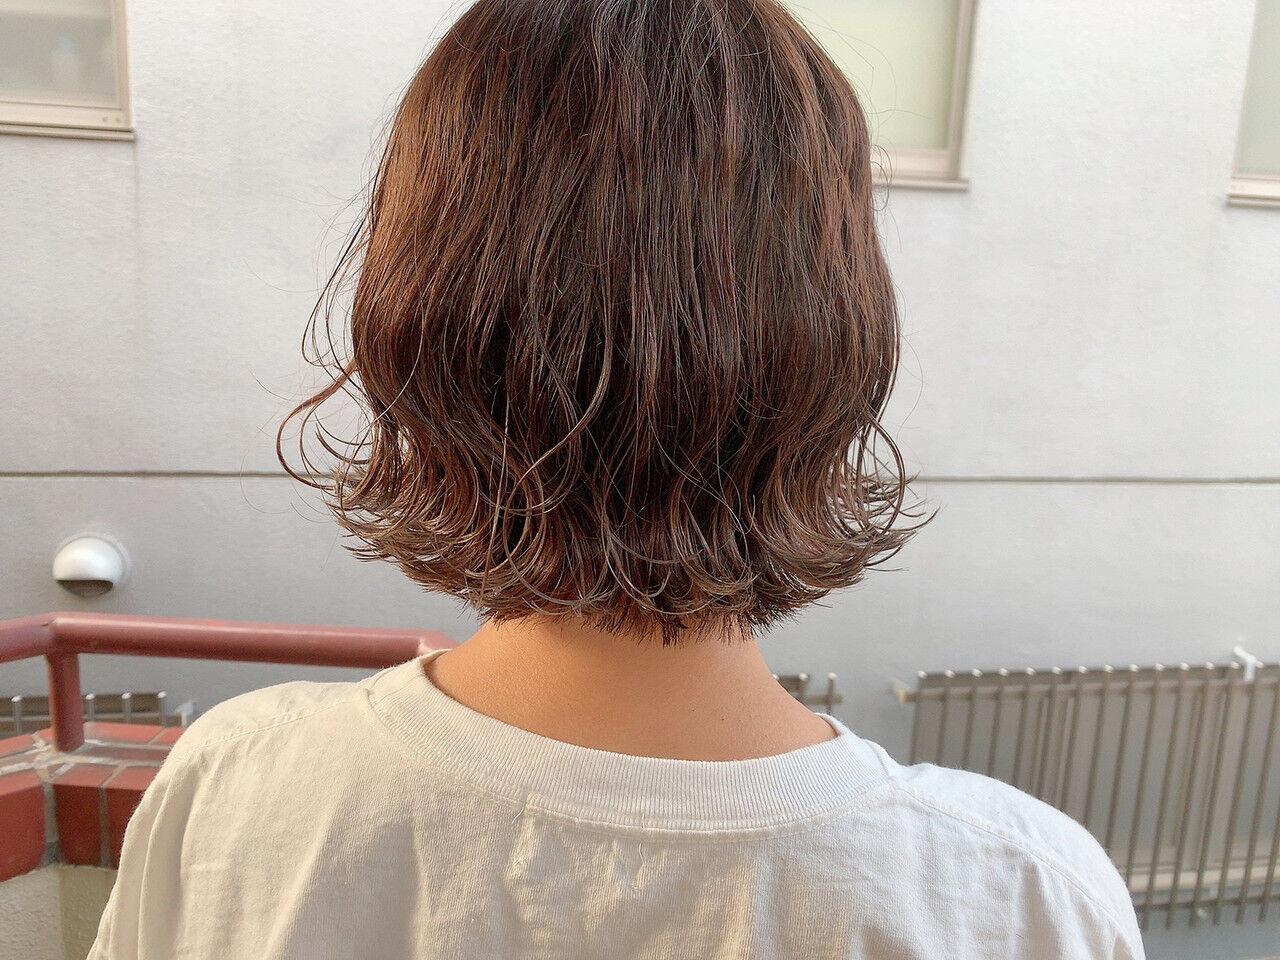 ナチュラル ミニボブ 切りっぱなしボブ アッシュベージュヘアスタイルや髪型の写真・画像